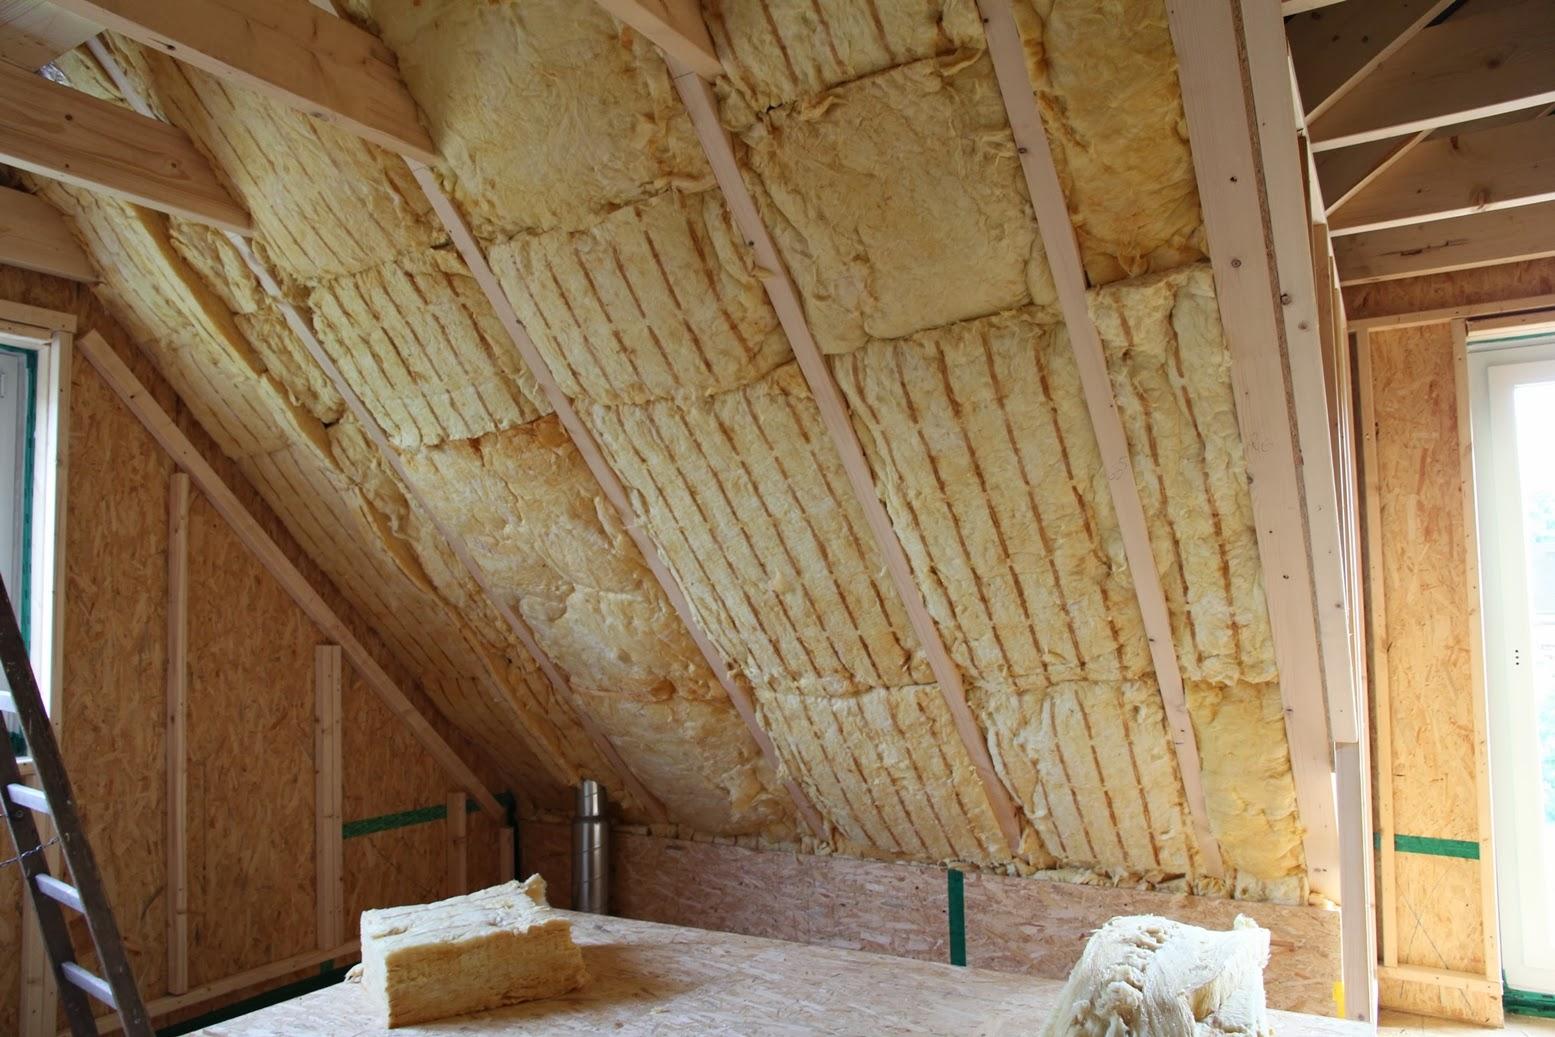 der weg zum garten dachd mmung badezimmerausbau. Black Bedroom Furniture Sets. Home Design Ideas